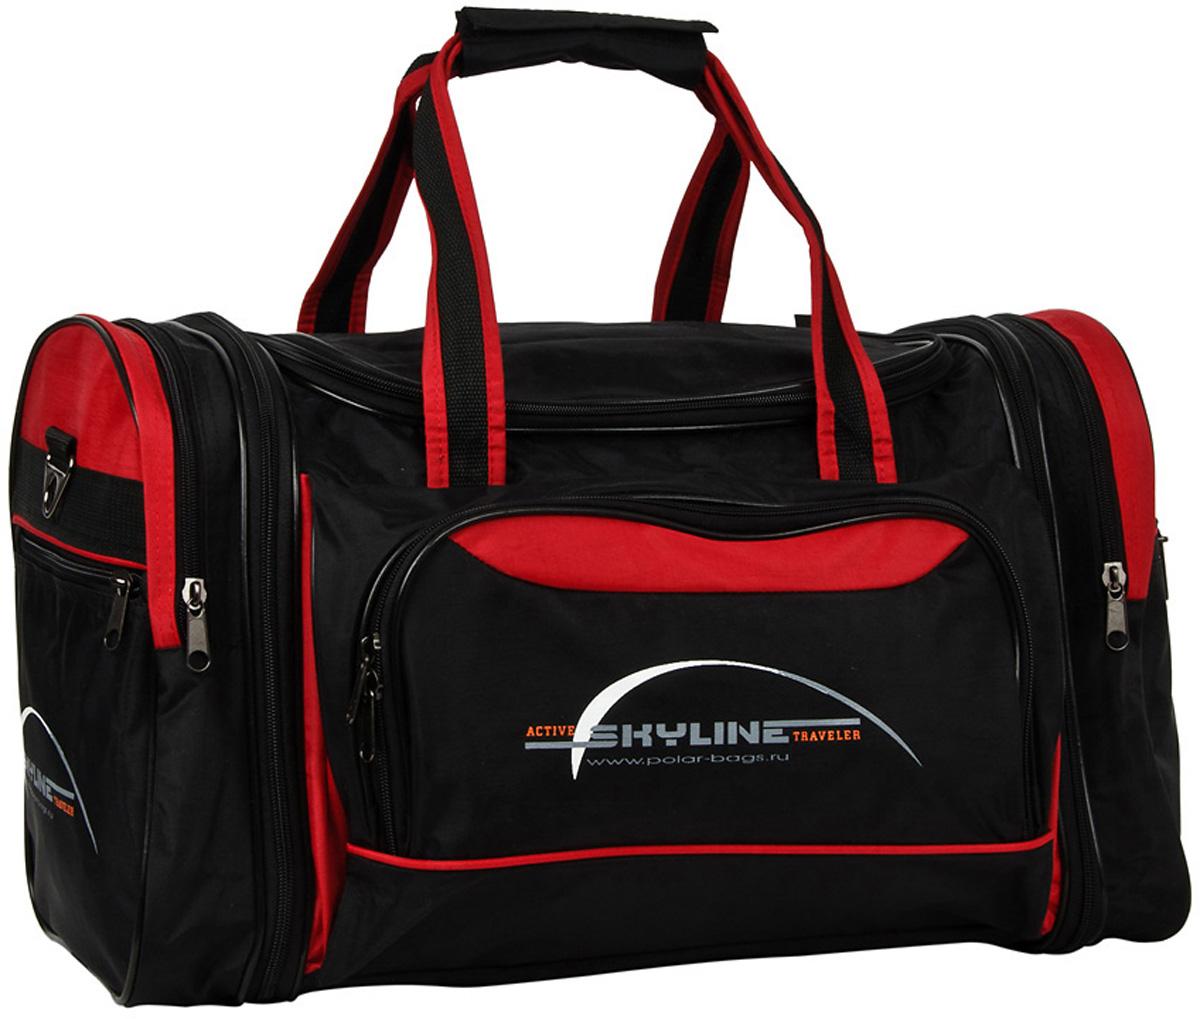 Сумка спортивная Polar Сириус, раздвижная, цвет: черный, красный, 38 л, 47 х 31 х 26 см. 6067ГризлиМатериал – полиэстер с водоотталкивающей пропиткой. Вместительная спортивная сумка среднего размера. Одно отделение. Два боковых кармана и карман на передней части. В комплект входит съемный плечевой ремень. Расширение по бокам сумки на +5 см. Эта сумка идеально подойдет для спорта и отдыха. Спортивная сумка для ваших вещей.